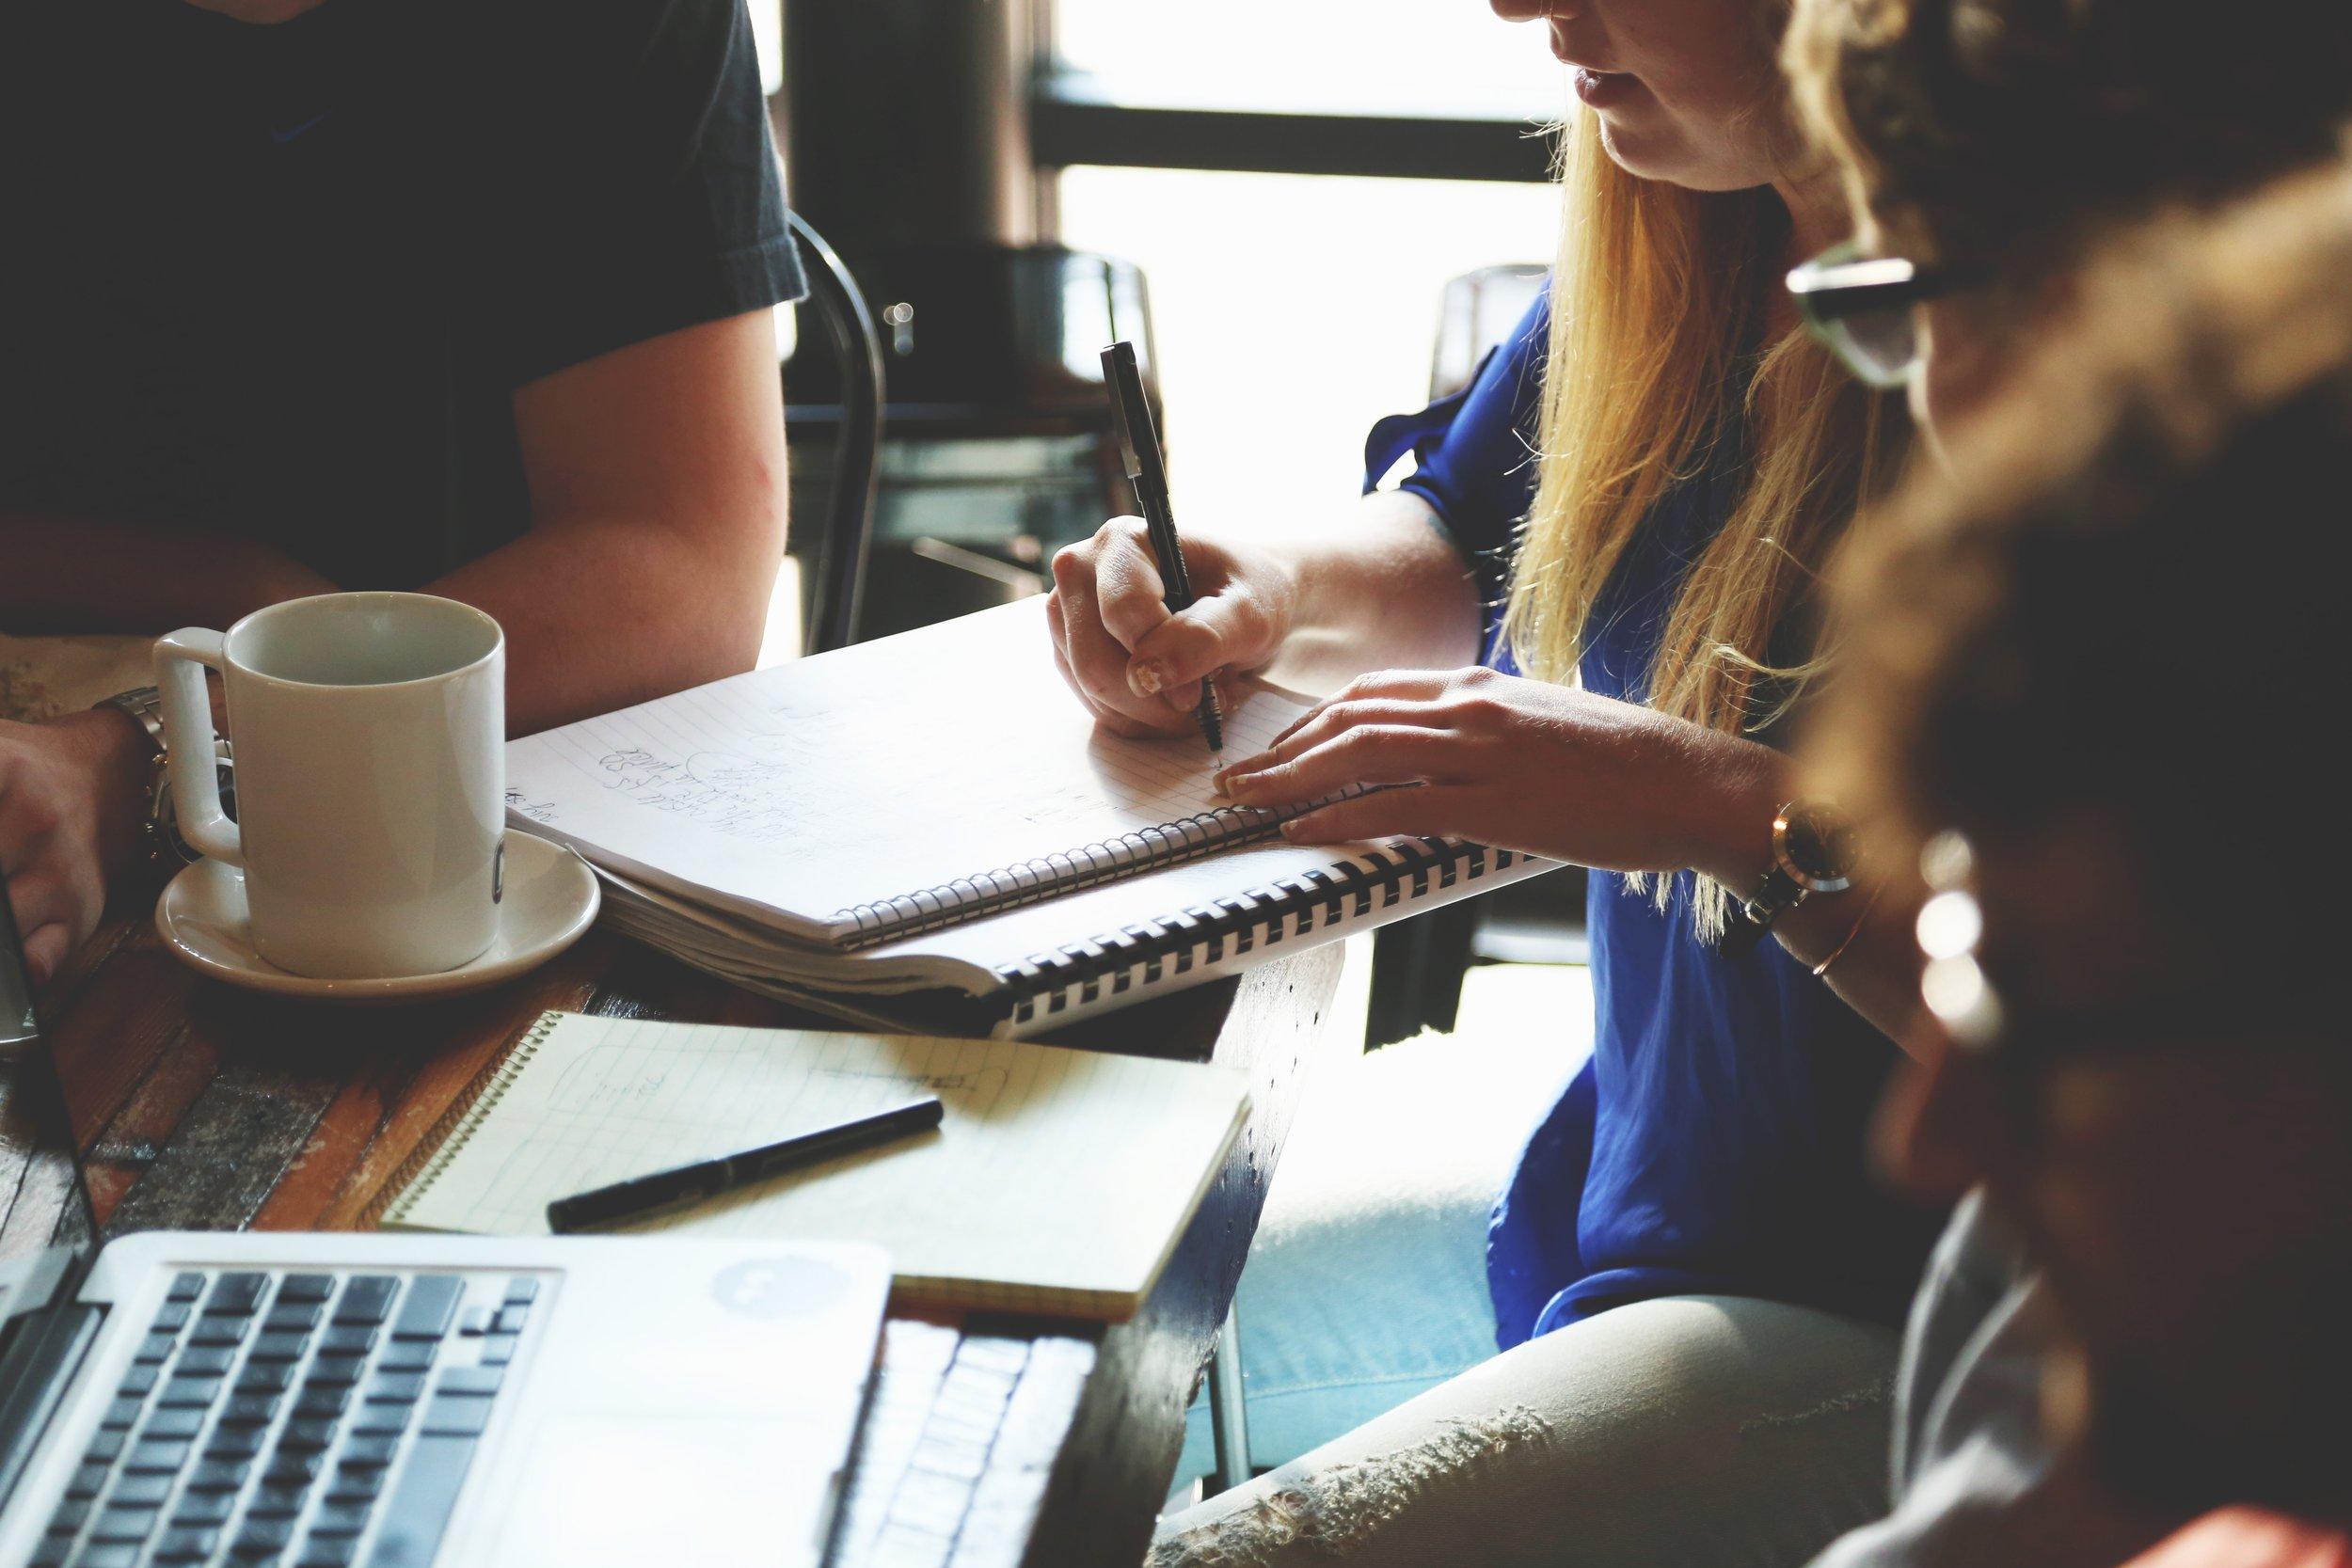 Mennesket er skapt til fellesskap, og på studiestedet treffer du veldig mange nye. Tenk derfor godt gjennom hvem du ønsker å være i møte med dem. Hvordan kan du elske din neste som deg selv i studiehverdagen?